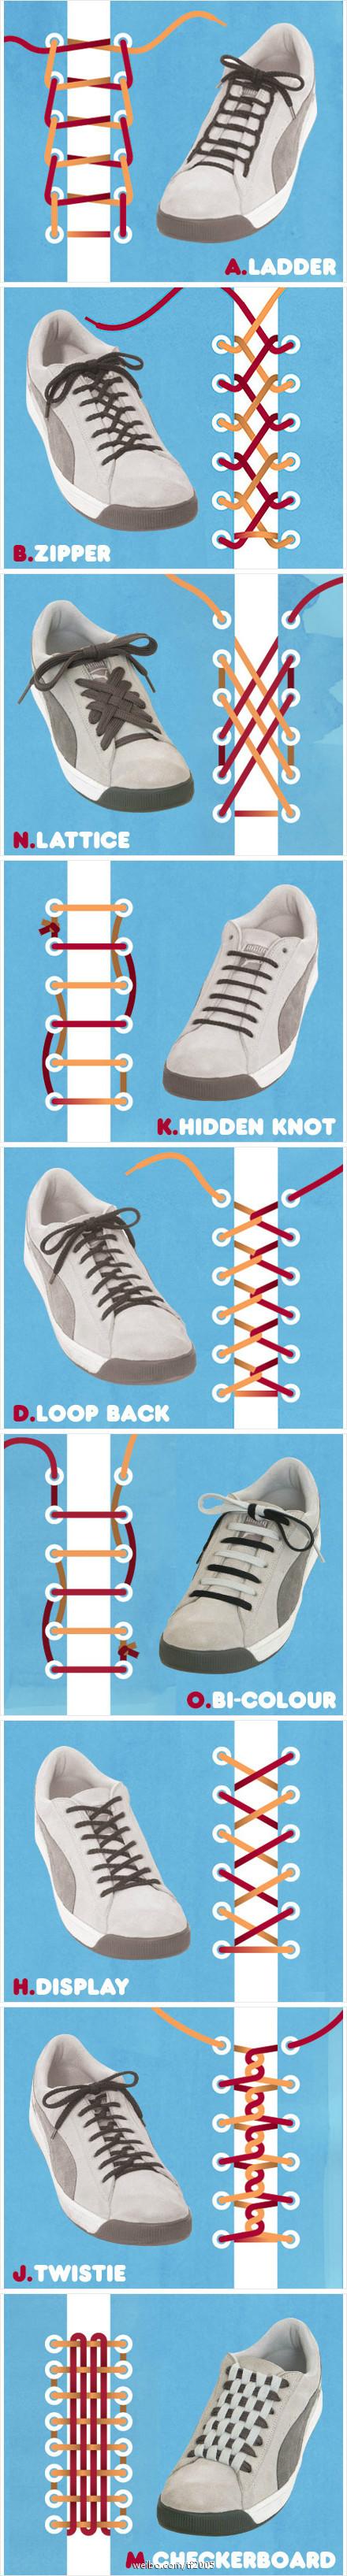 篮球鞋鞋带的穿法图解